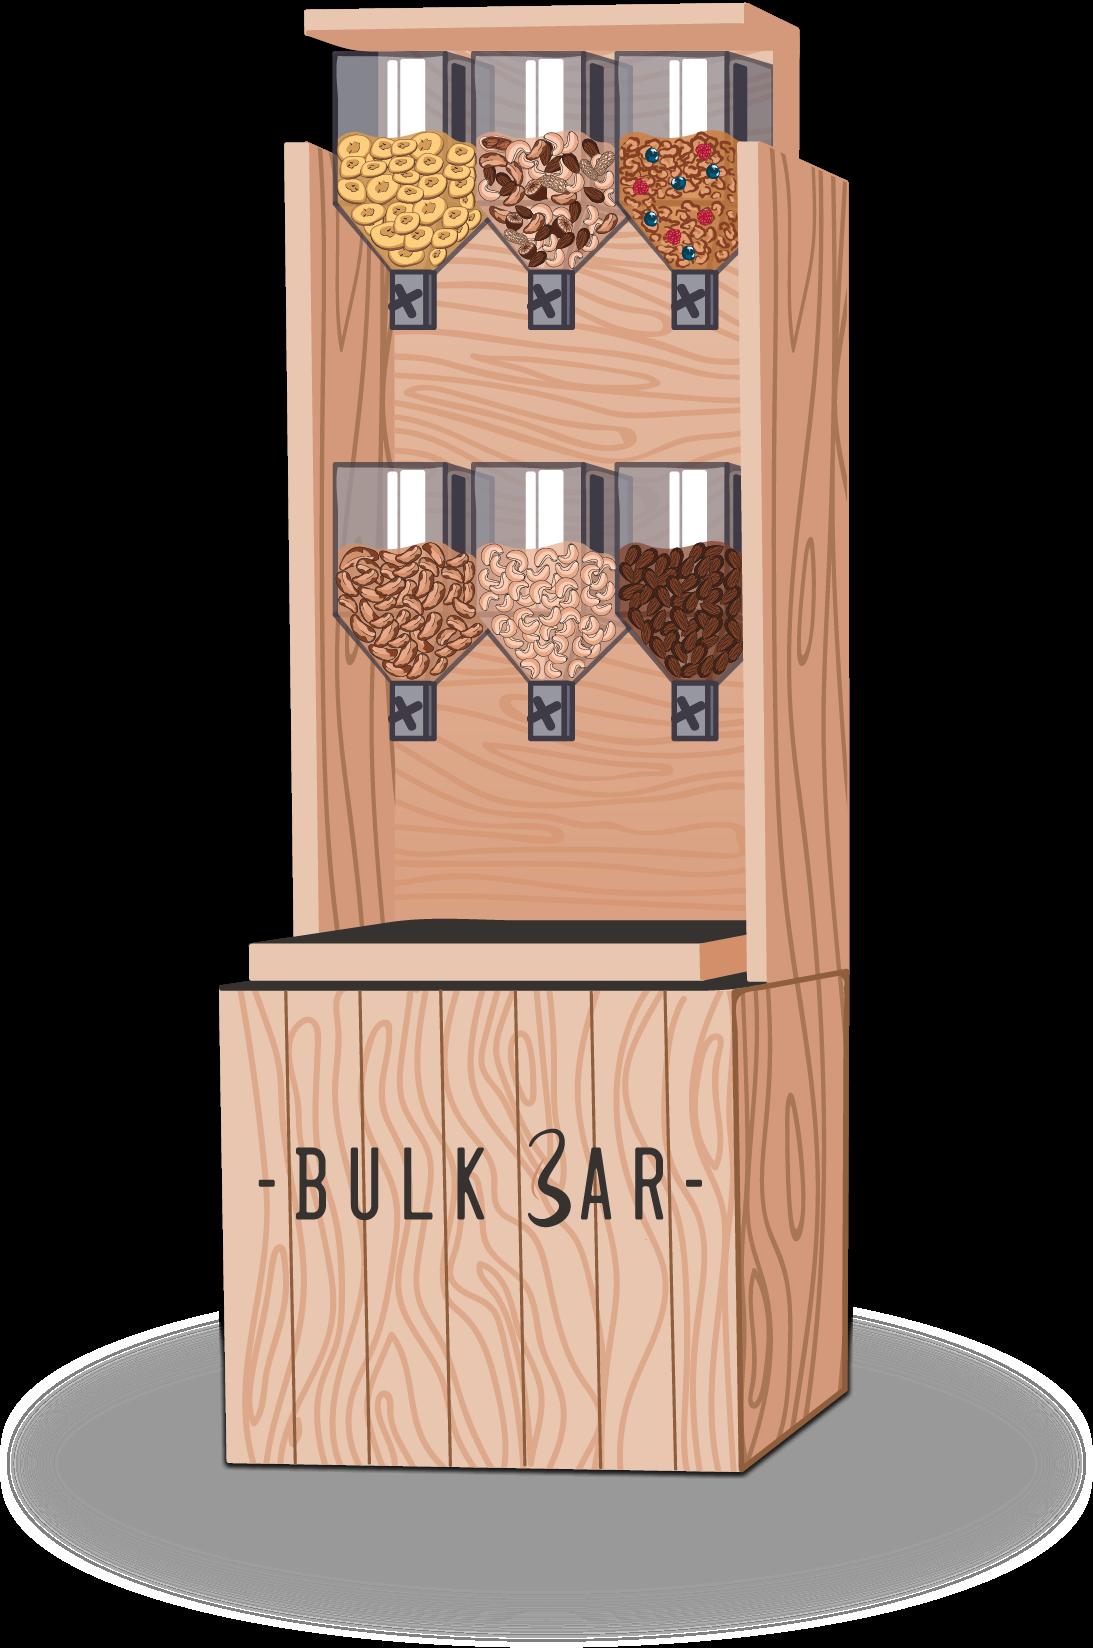 Le distributeur de snack sains BulkBar